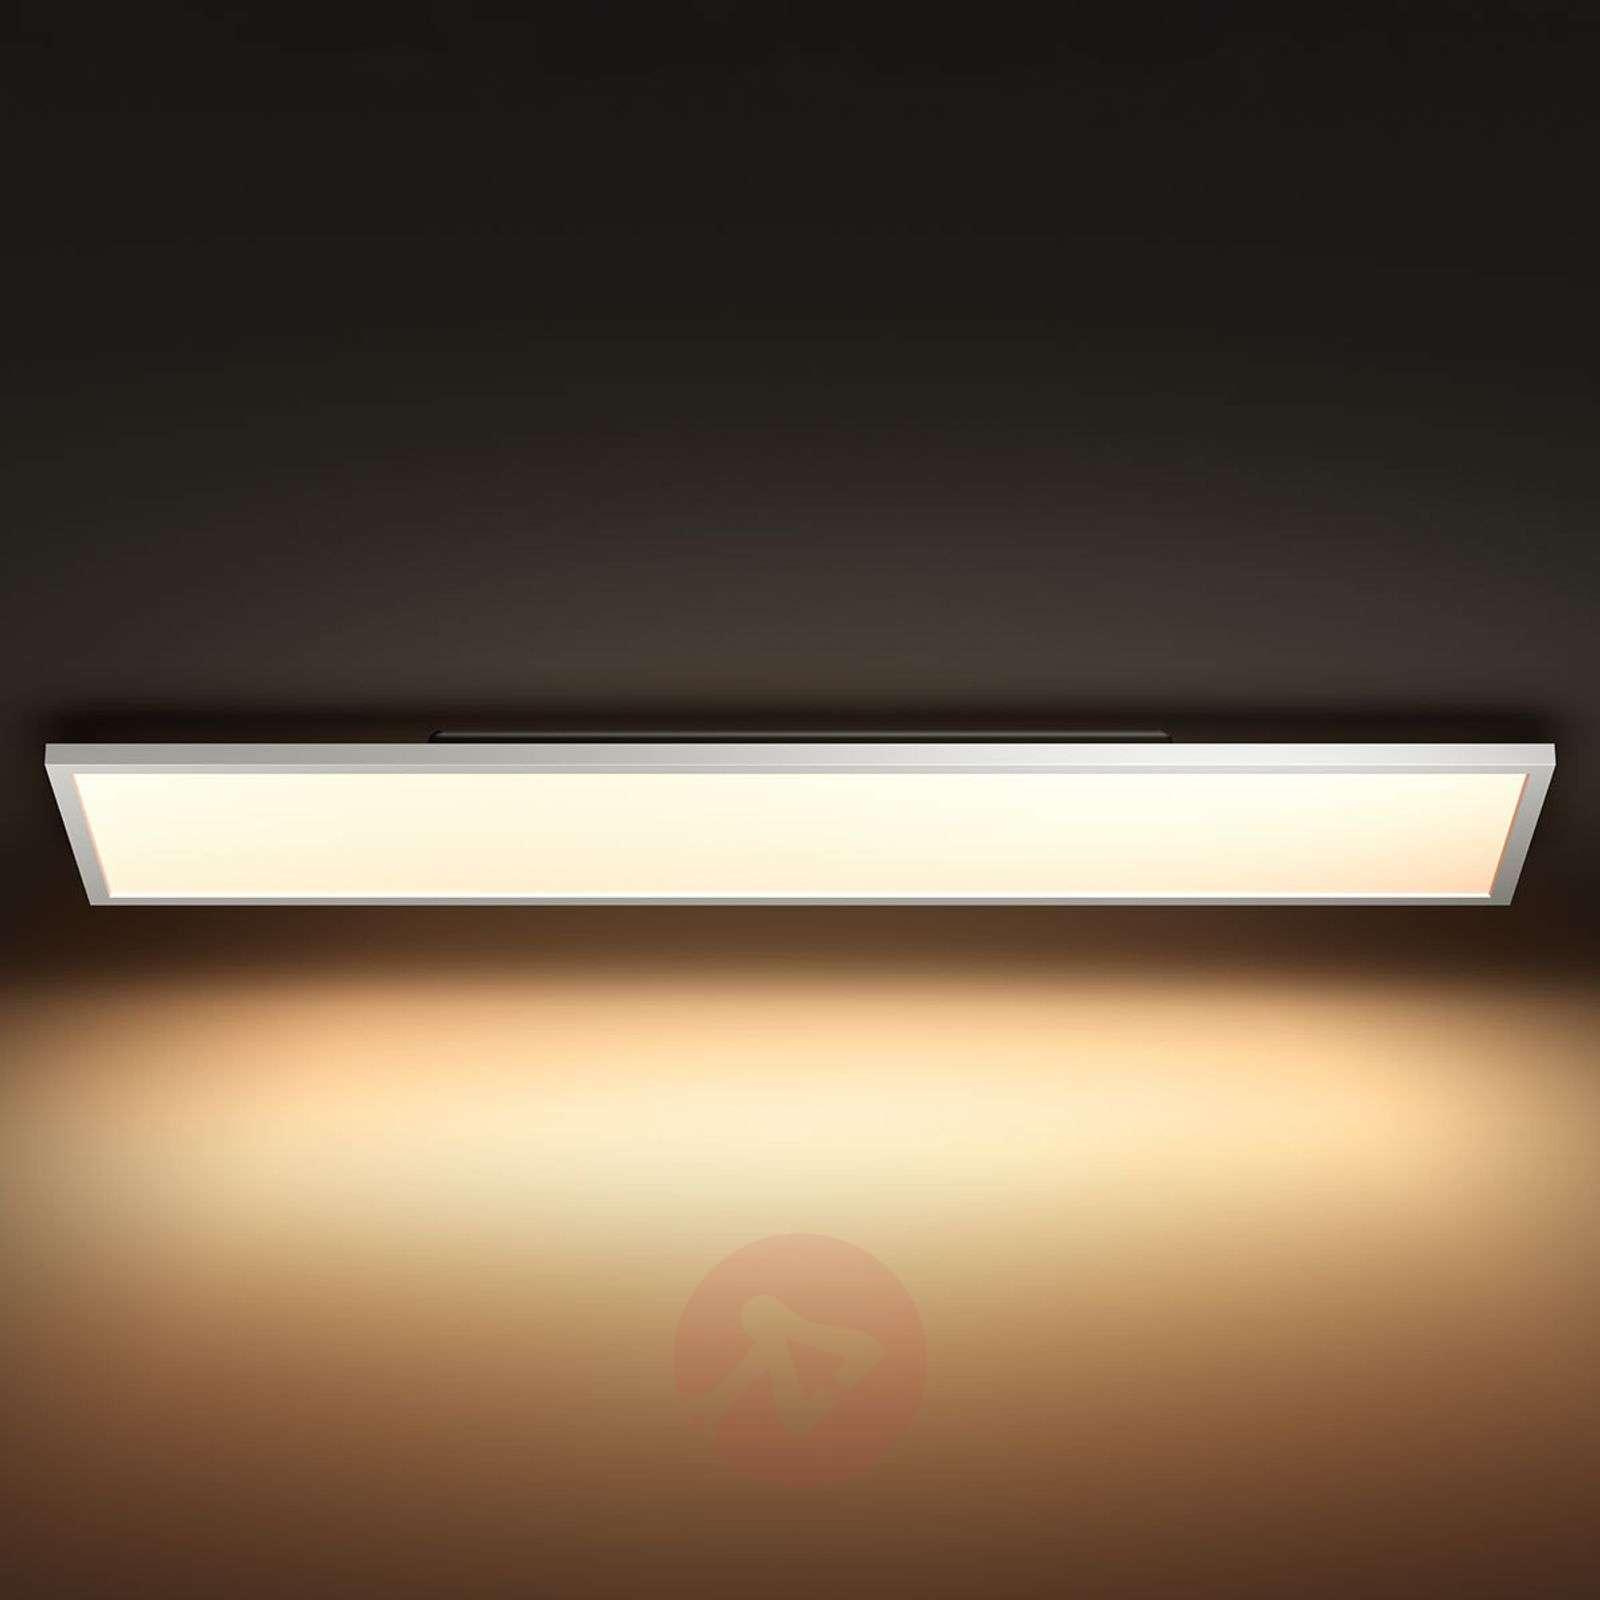 Philips Hue Aurelle LED-paneeli kulmikas 120x30cm-7534085-01